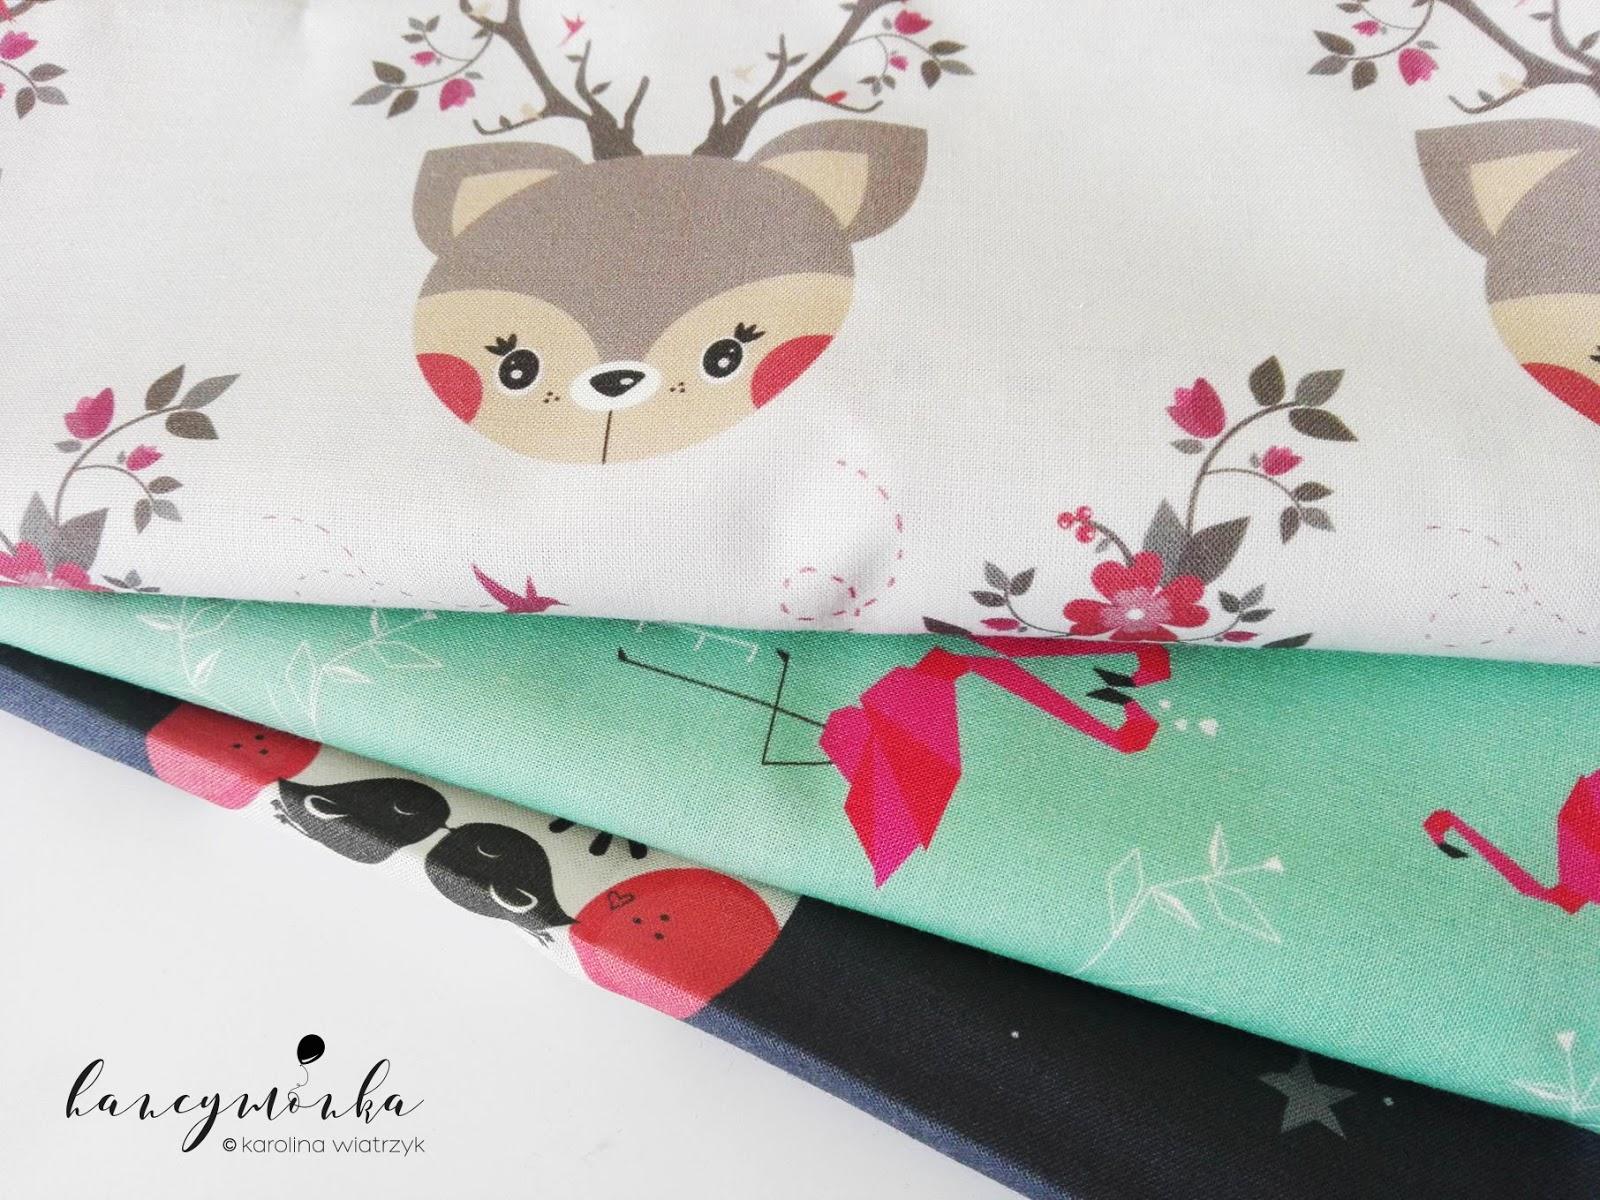 surface pattern design, wzór, tkanina, pattern, materiał, wzory dziecięce, tkaniny dla dzieci, hancymonka, design for kids, design, baby design